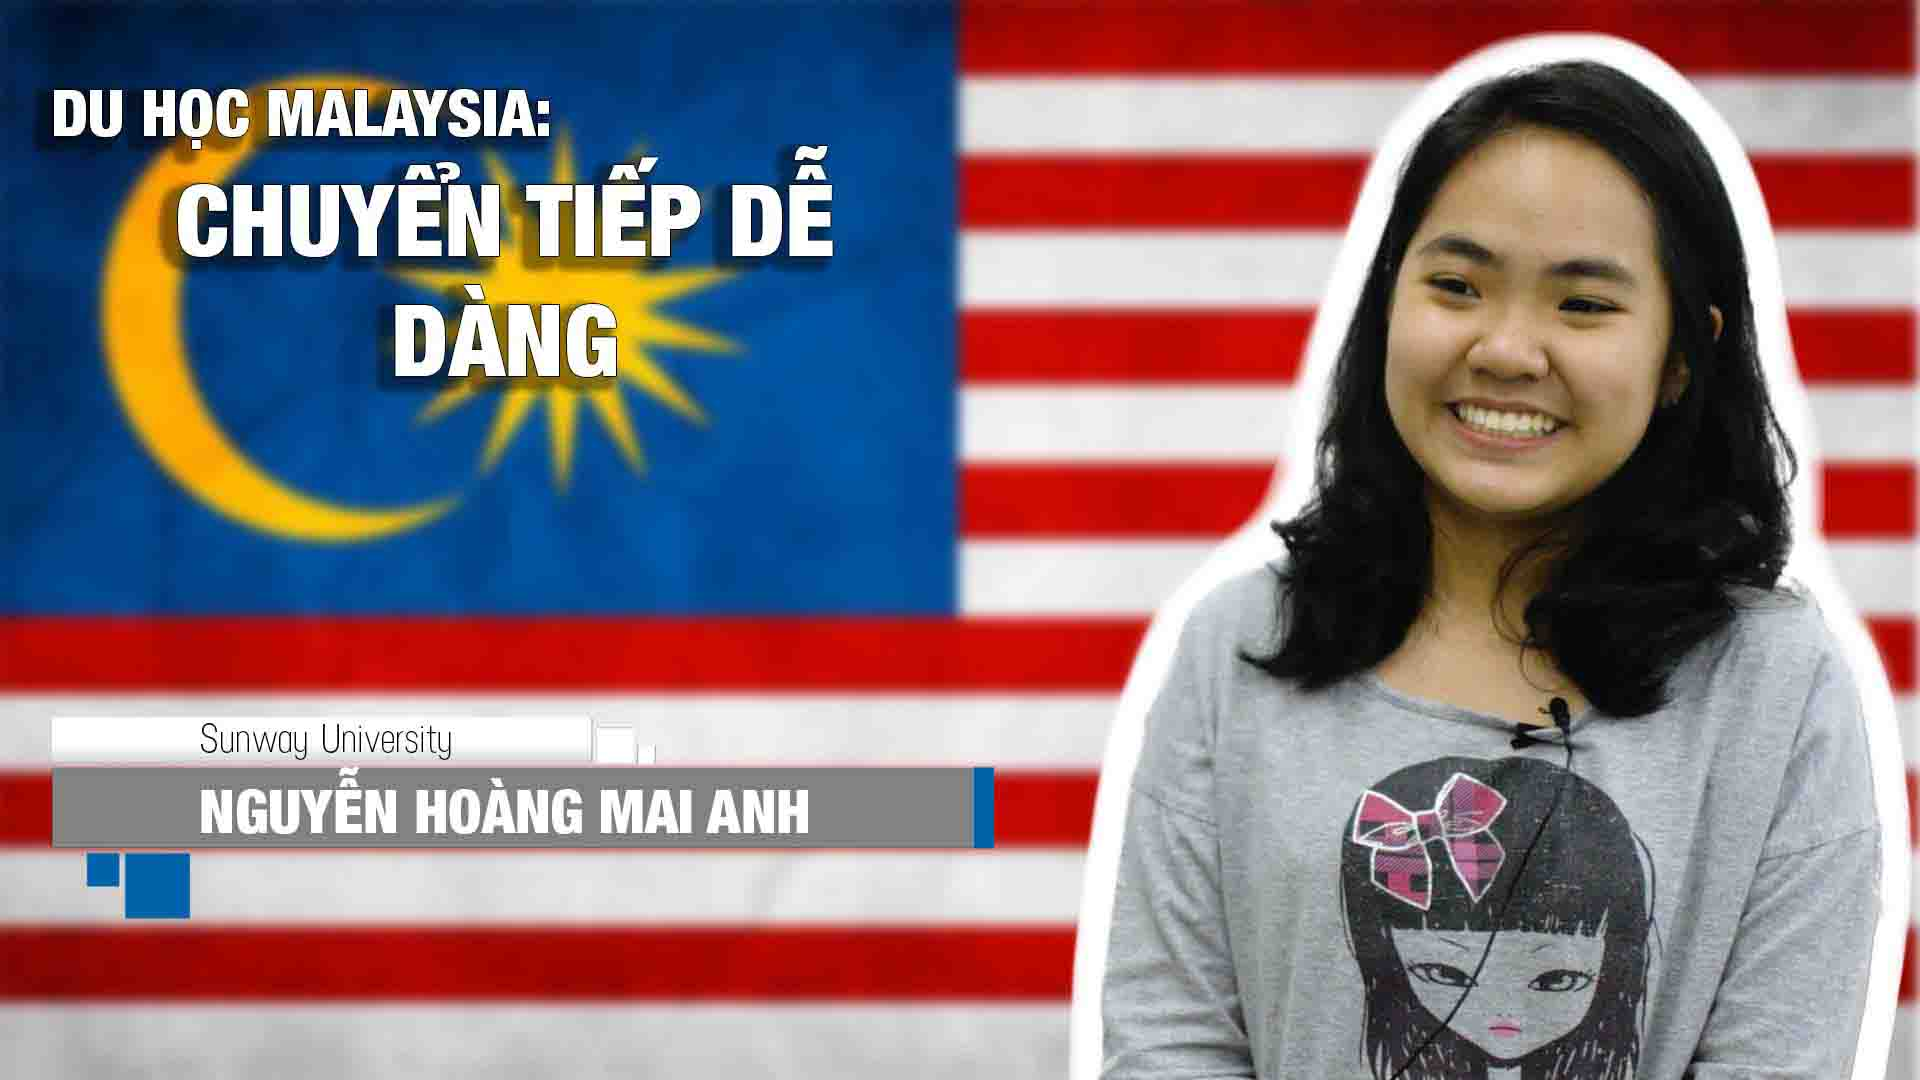 Nguyễn Hoàng Mai Anh - một thành viên khác của gia đình CIMP tại Đại học Sunway Sunway - Ngôi trường dẫn đầu Malaysia về chất lượng. CIMp là chương trình được rất nhiều bạn học sinh phổ thông tại Việt Nam lựa chọn. Với CIMP, học sinh sẽ được cấp bằng THPT Canada và dễ dàng nộp đơn vào một trường đại học nào đó trên toàn thế giới, đặc biệt là những trường hàng đầu Mỹ, Canada. Thực tế cho thấy, 100% học sinh INEC theo học khóa CIMP đều chuyển tiếp thành công.